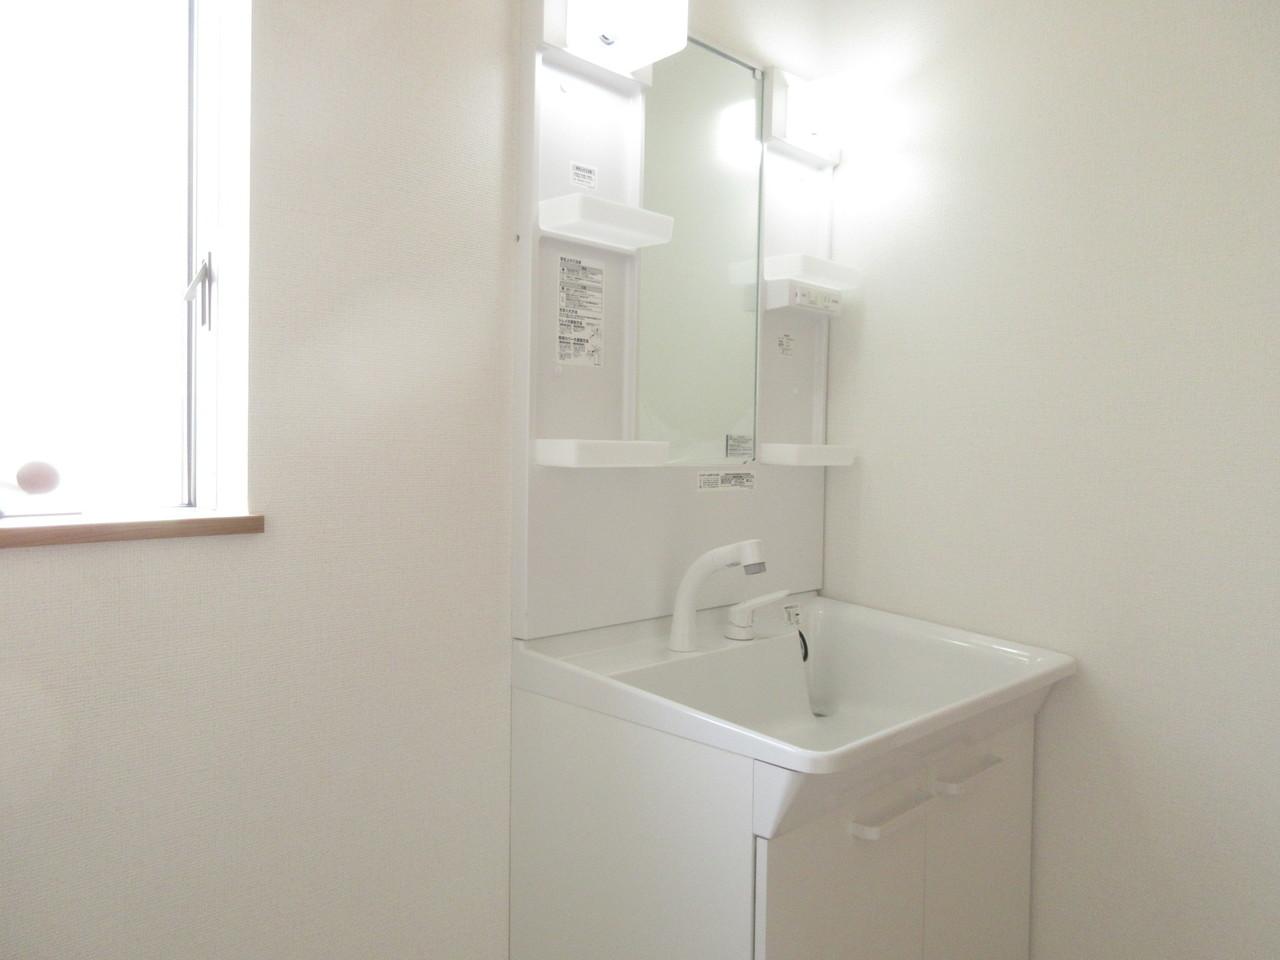 小窓付きで明るい光の差し込む洗面所です。換気もできるので、湿気がこもることもなし♪